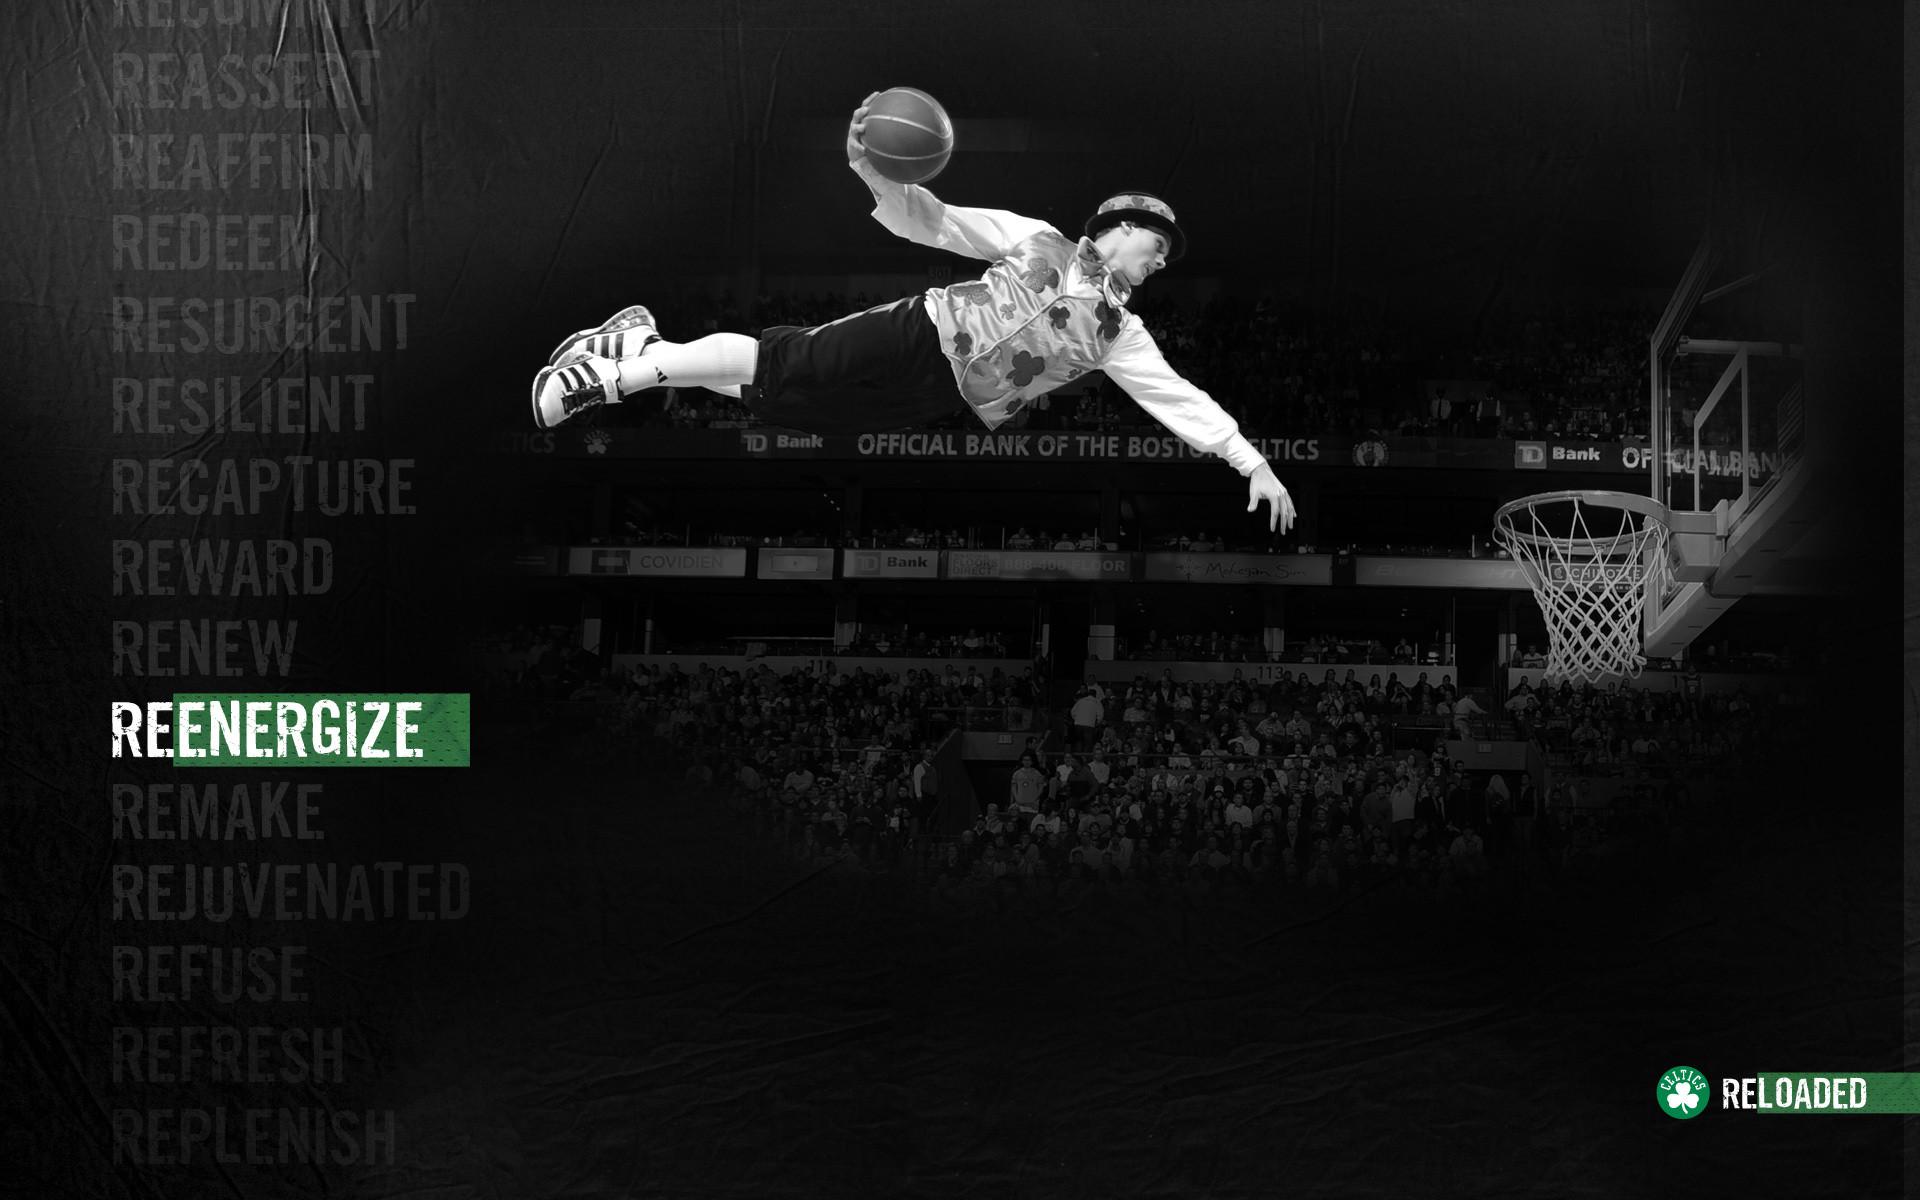 Reemerge, Celtics Wallpaper